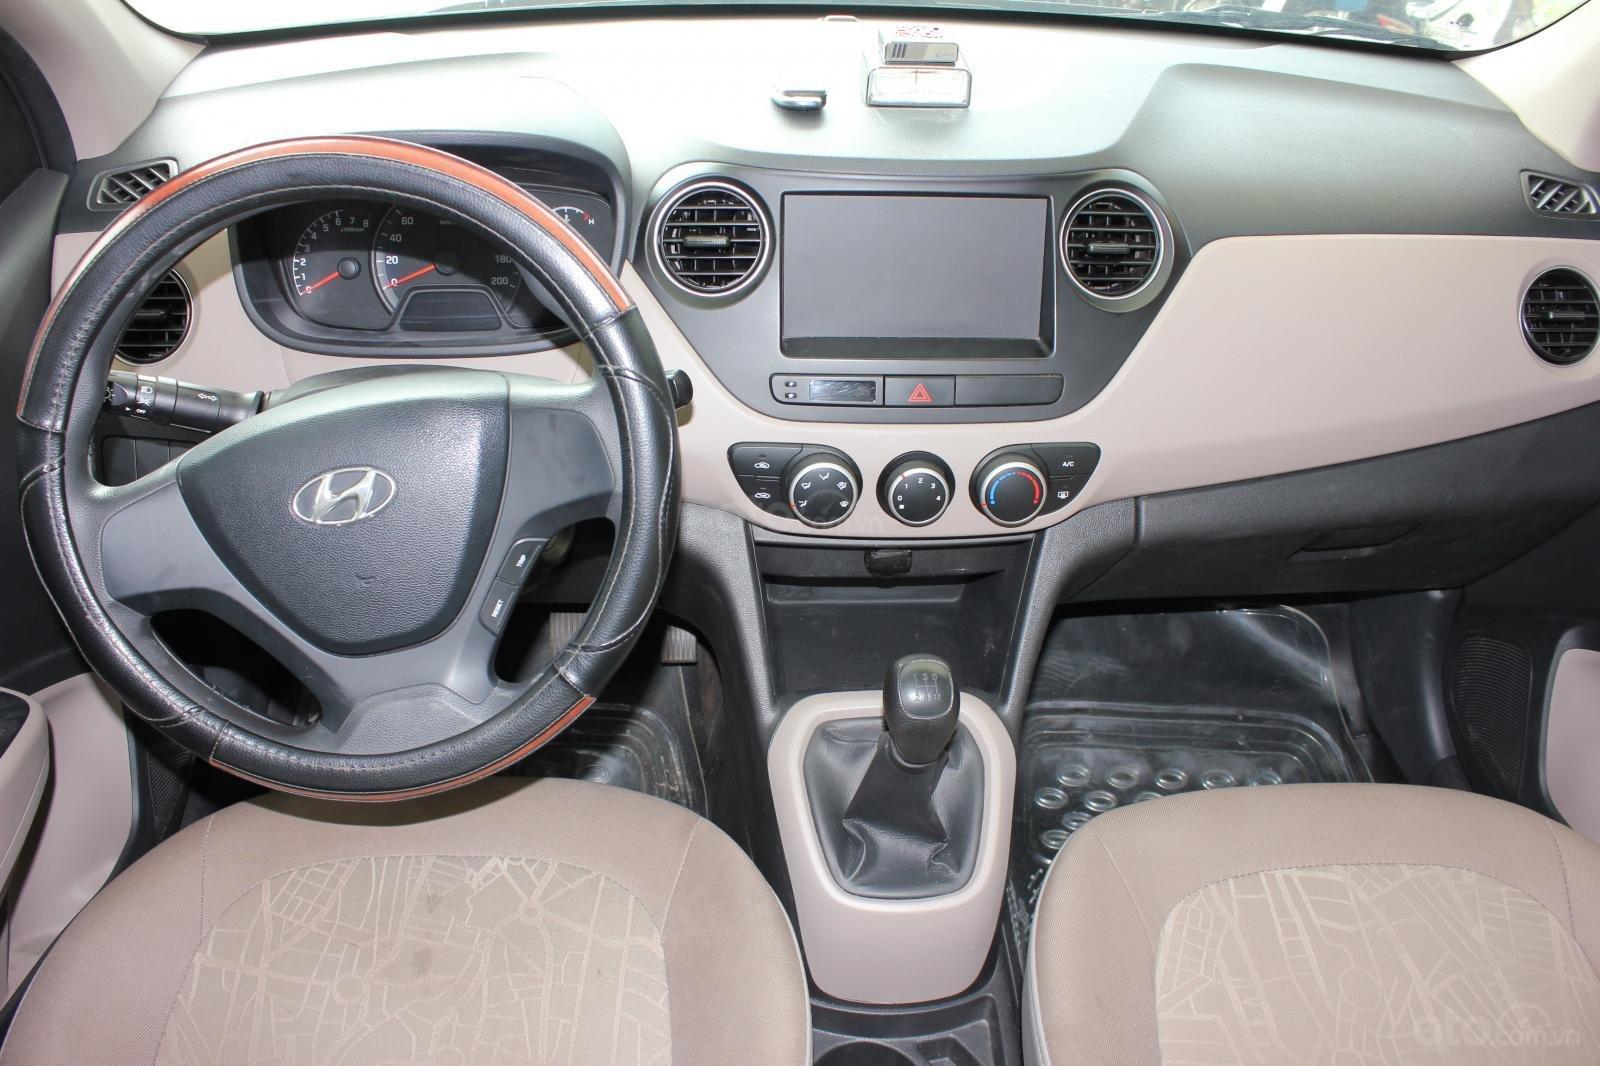 Cần bán xe Hyundai Grand i10 1.2 MT, năm 2018, màu trắng, giá 335tr (18)